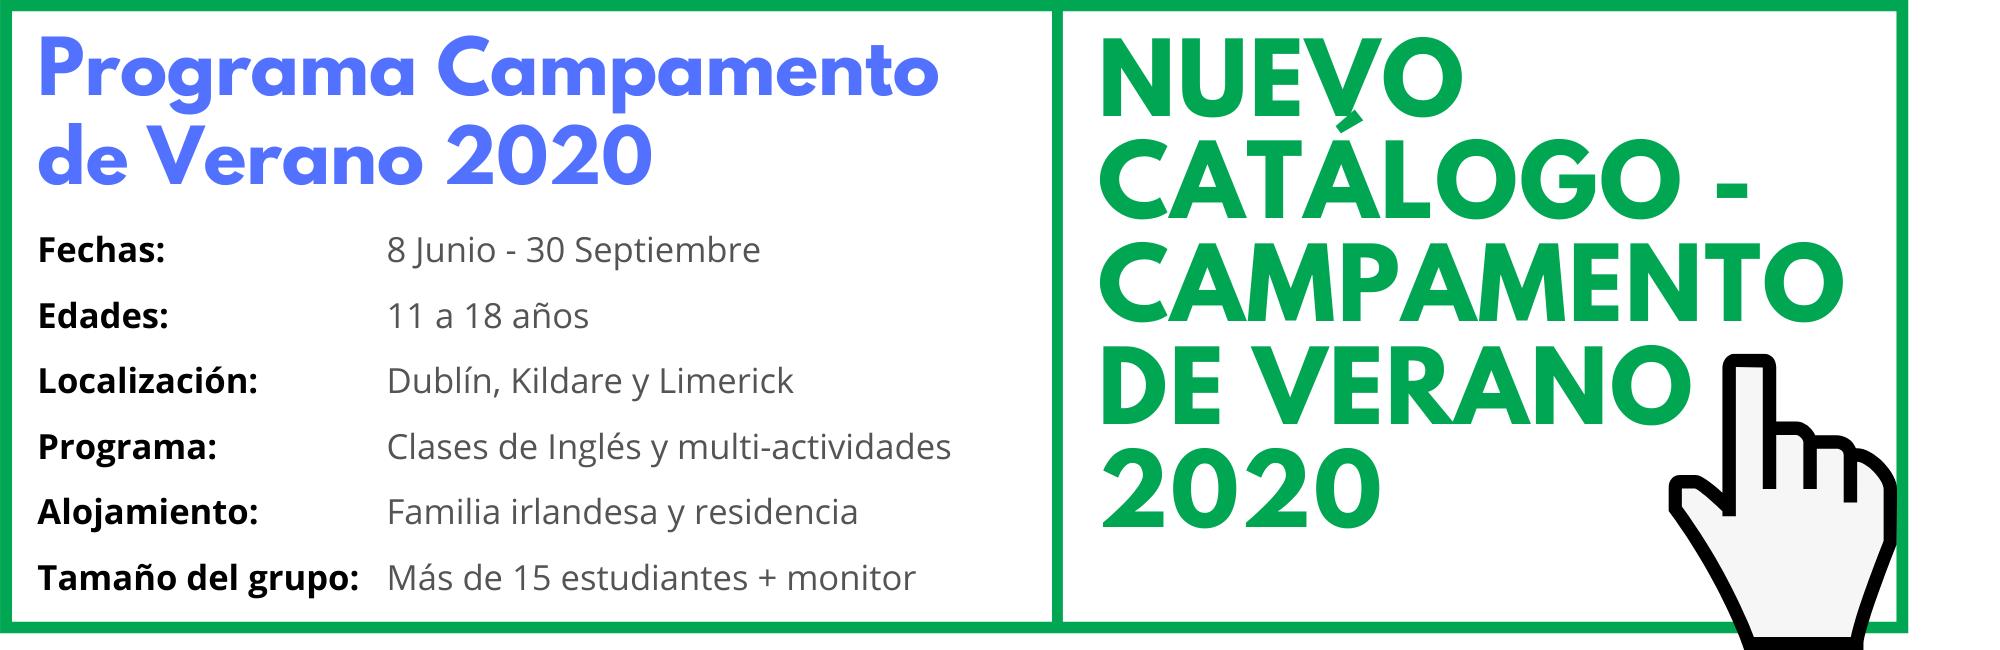 Programa Campamento de Verano 2020